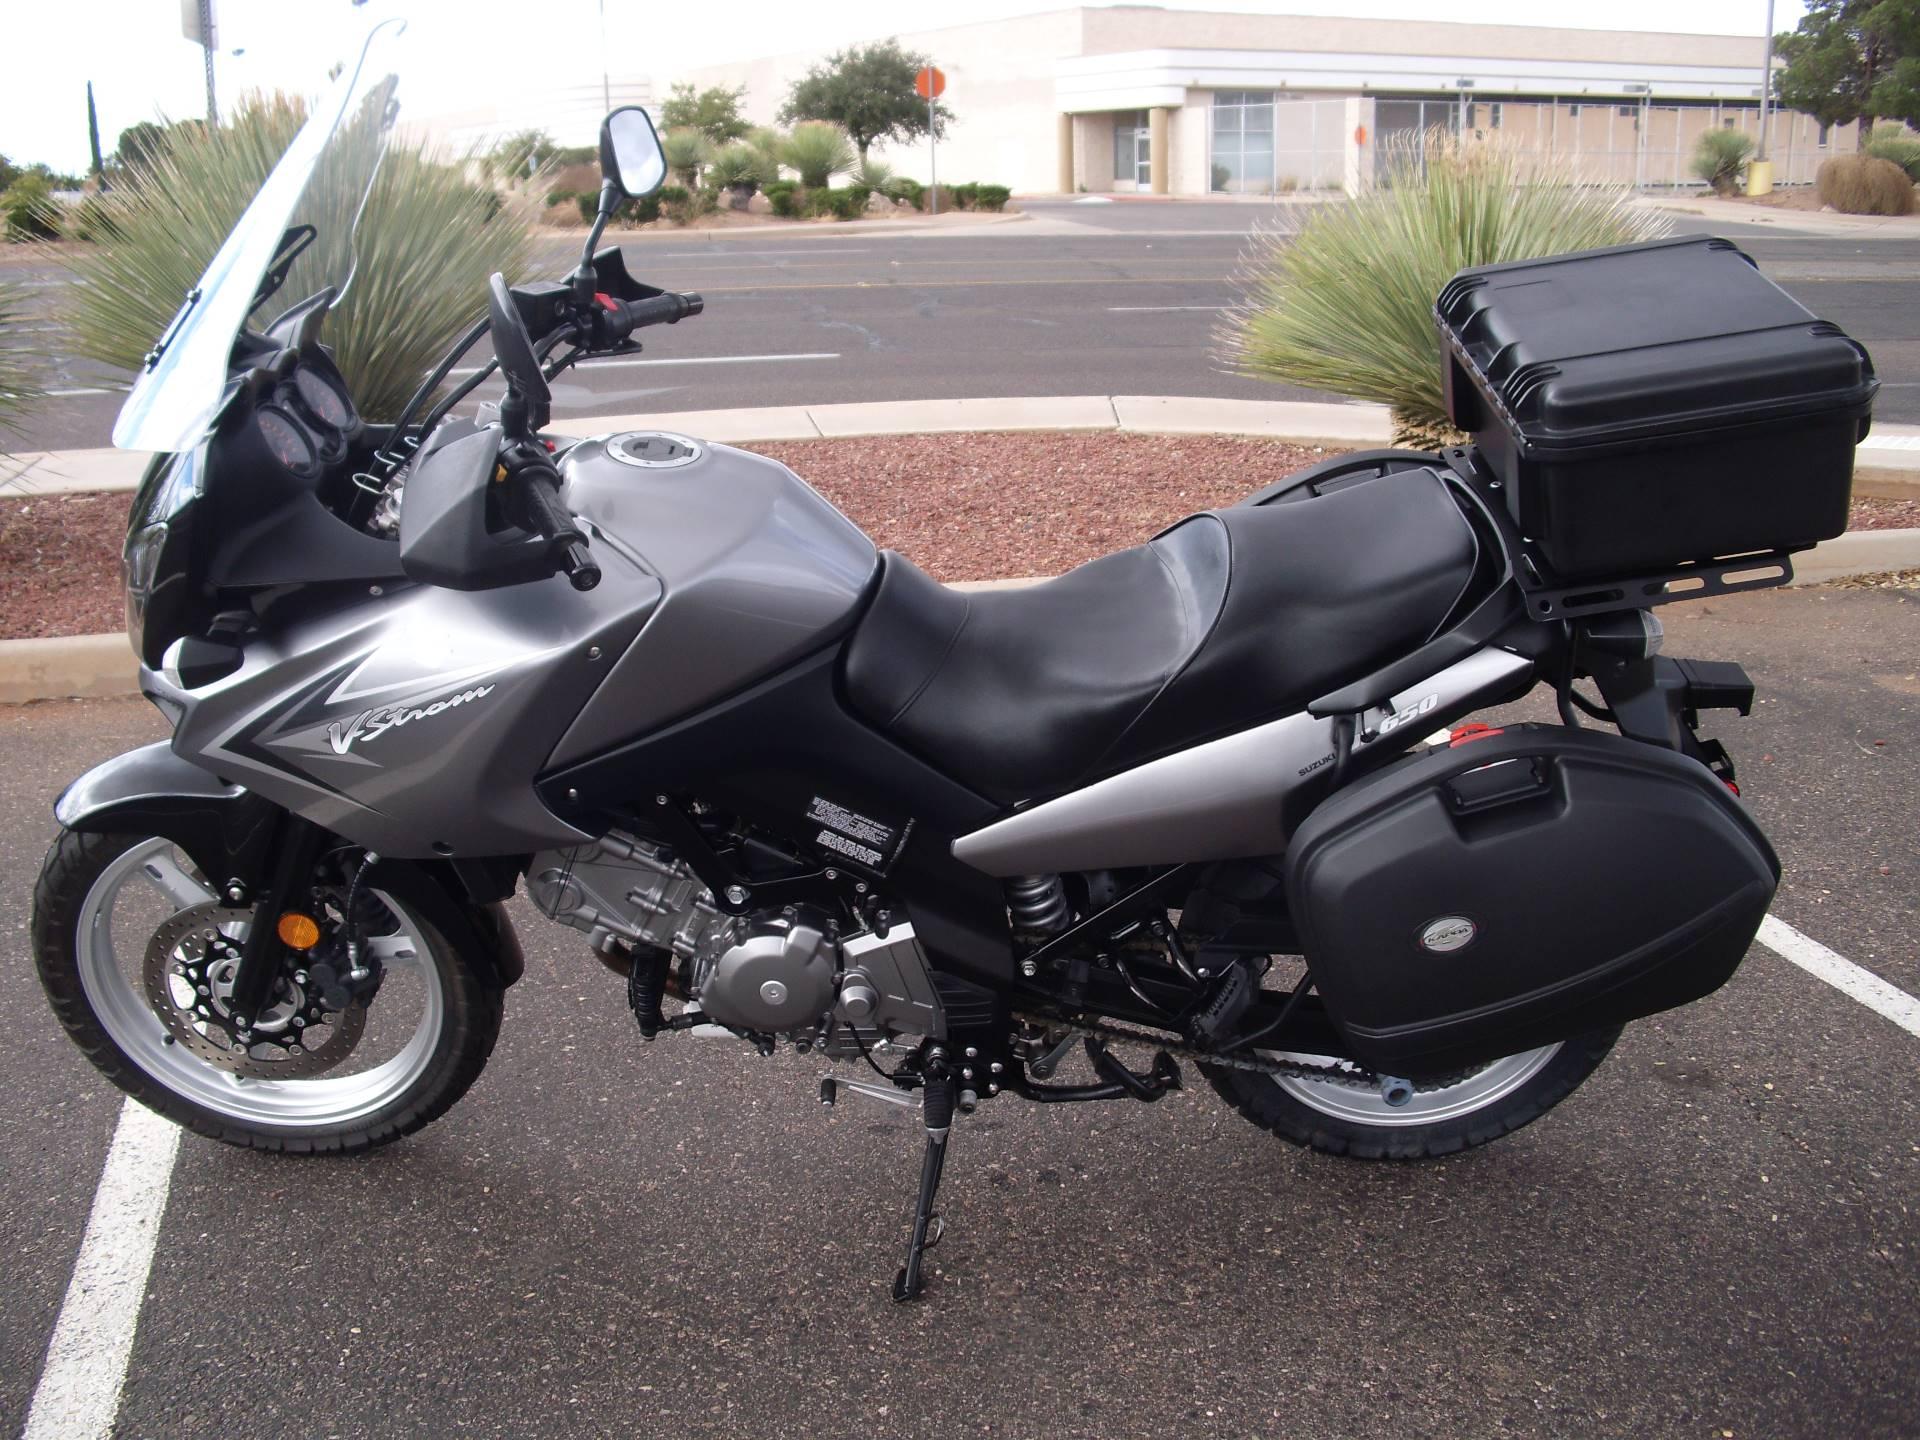 2009 Suzuki V-Strom 650 5